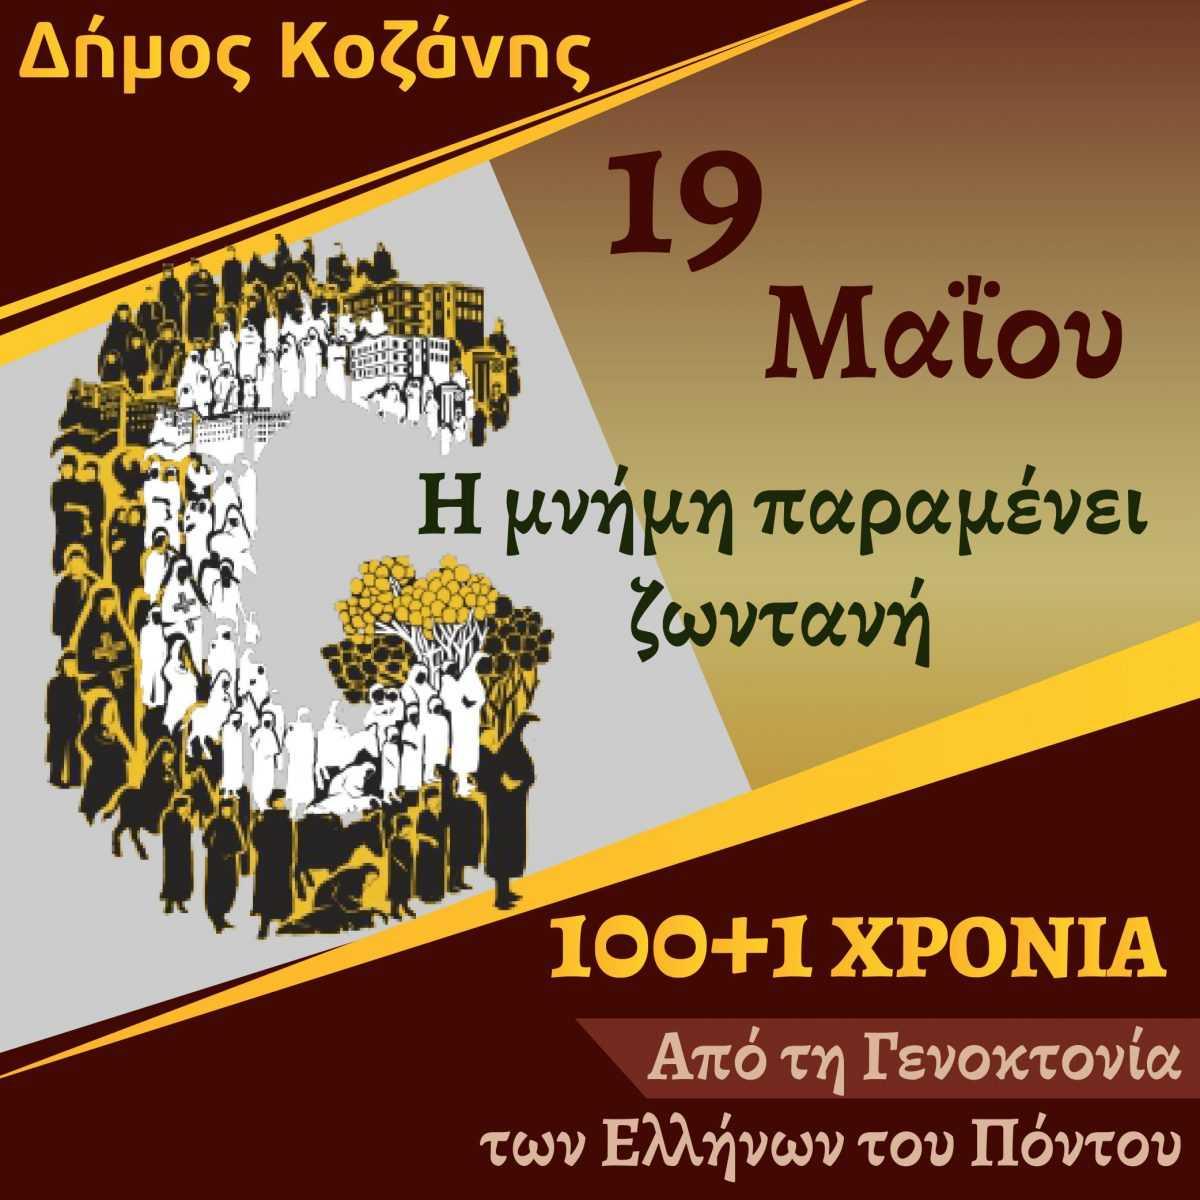 Ο Δήμος Κοζάνης τιμά την Ημέρα Μνήμης της Γενοκτονίας των Ελλήνων του Πόντου